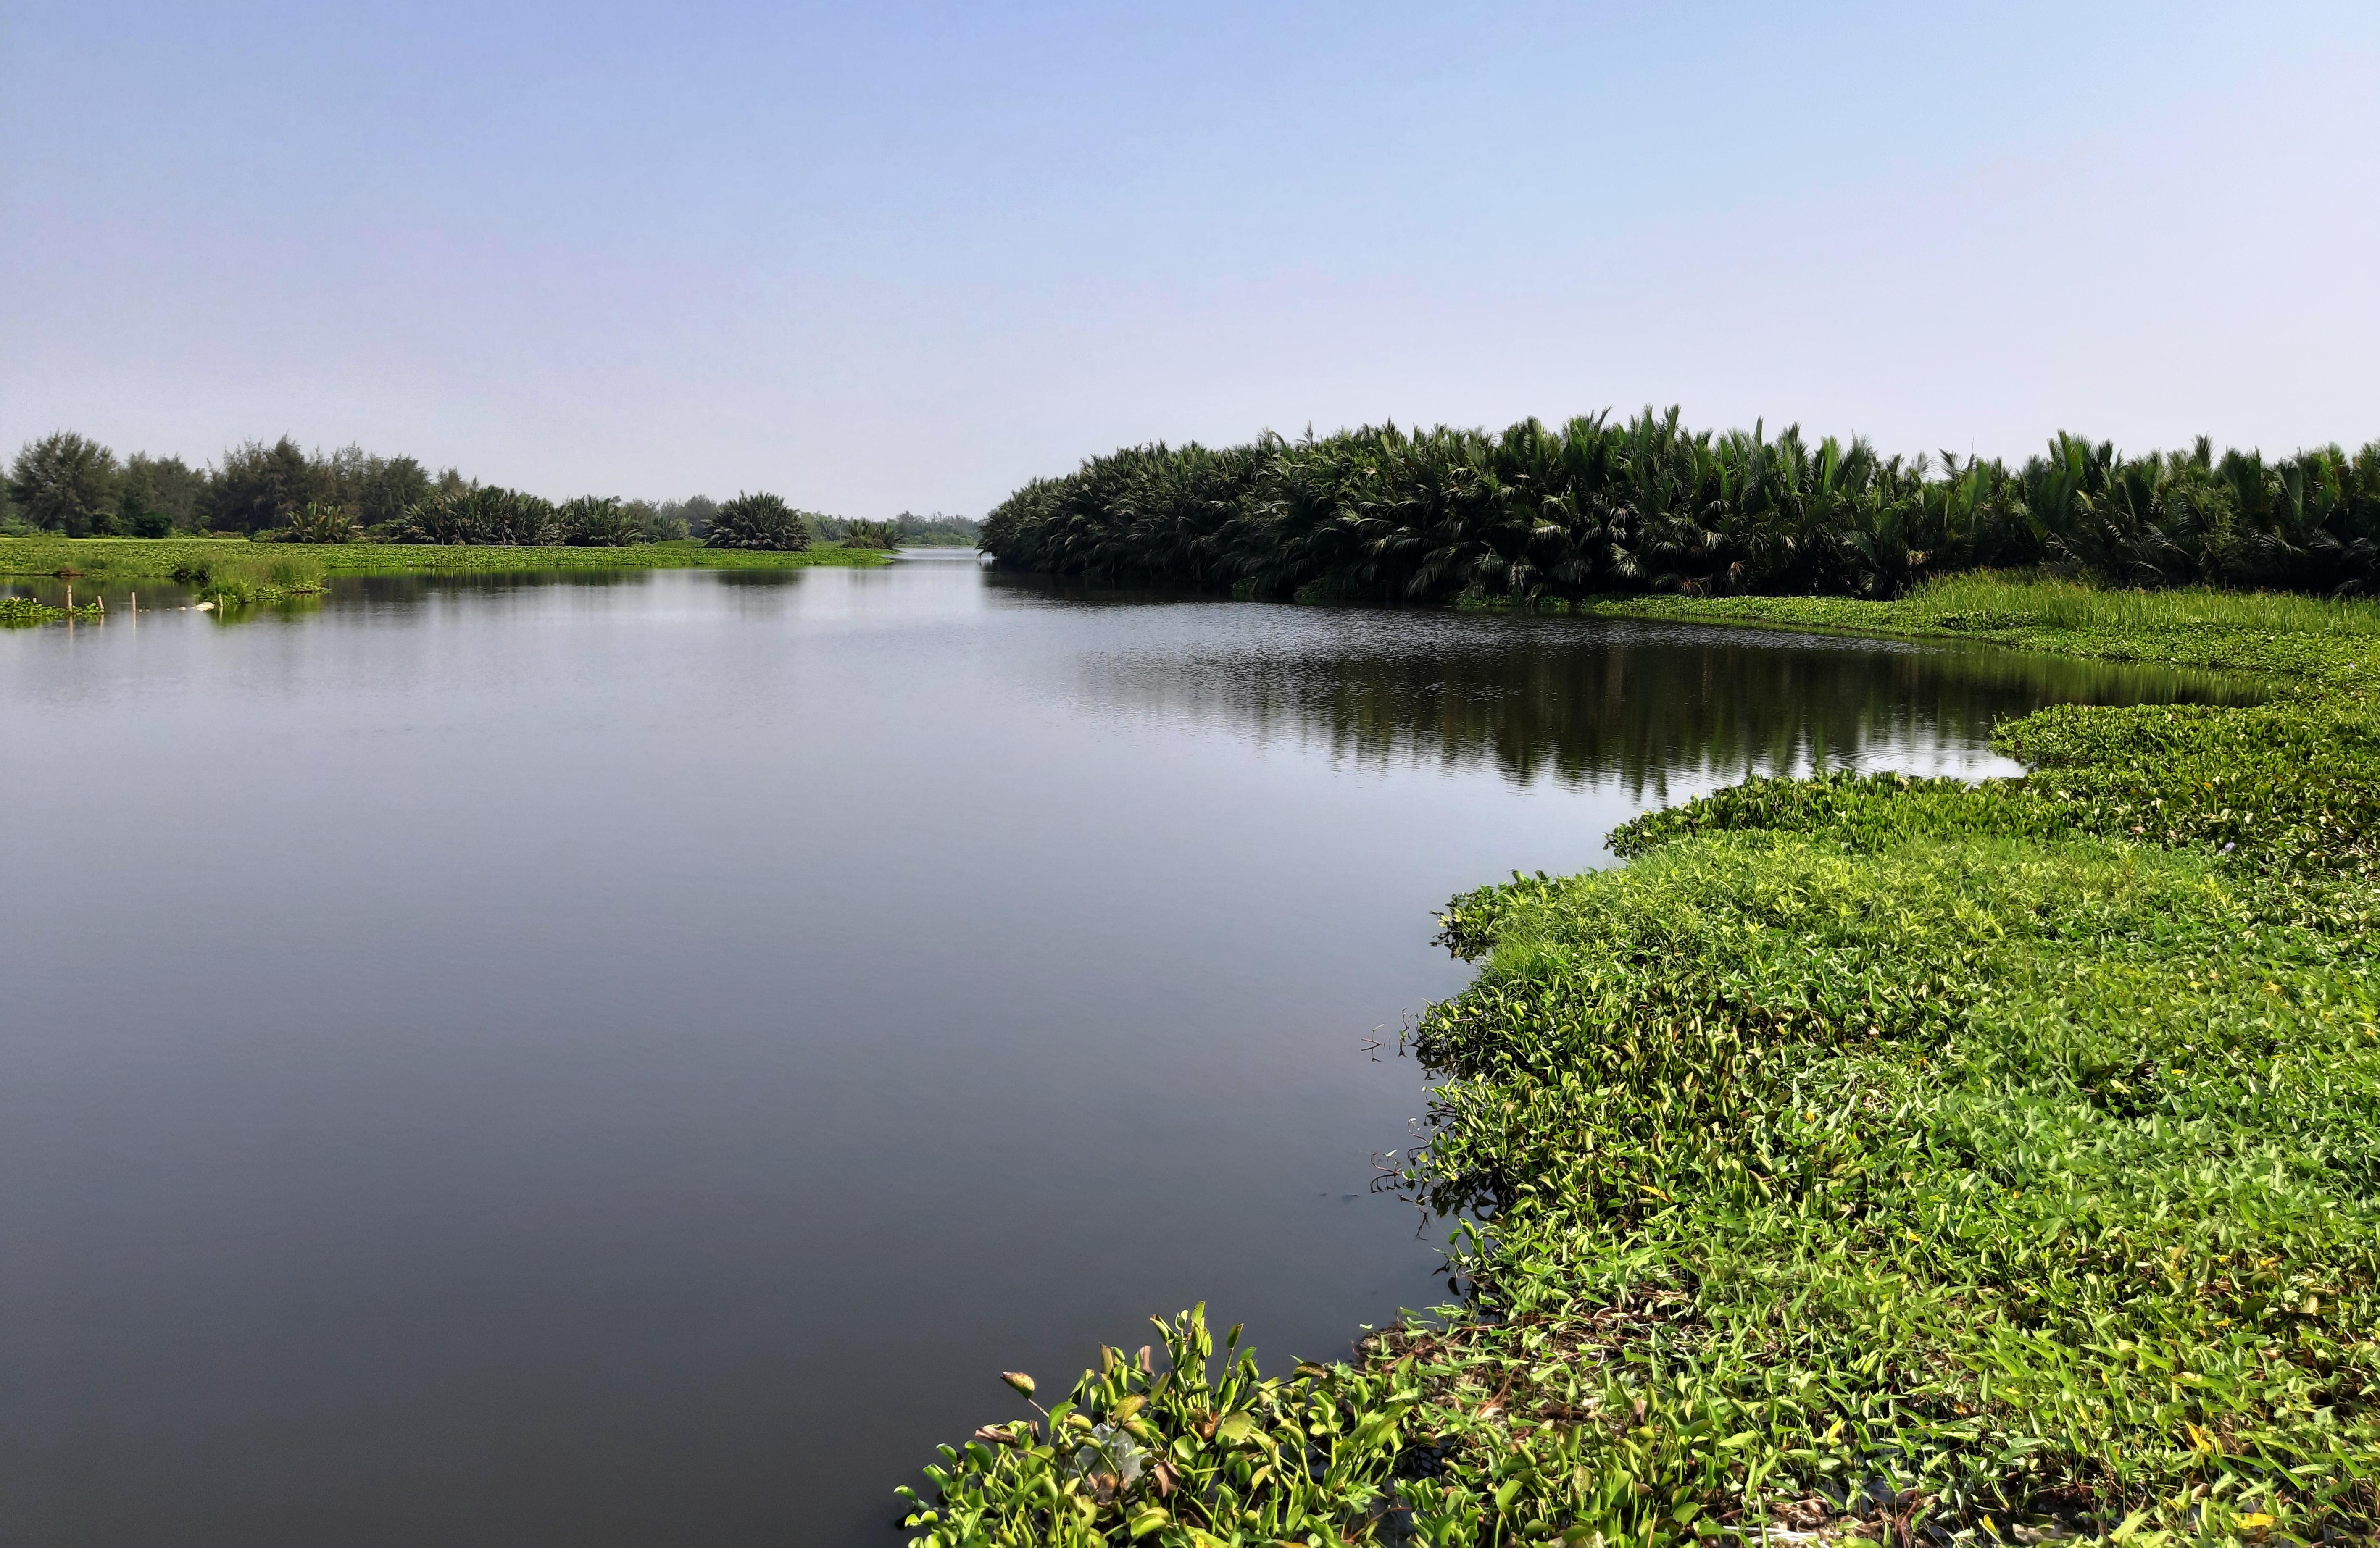 Dòng Cổ Cò và kỳ vọng kết nối đô thị Đà Nẵng - Quảng Nam